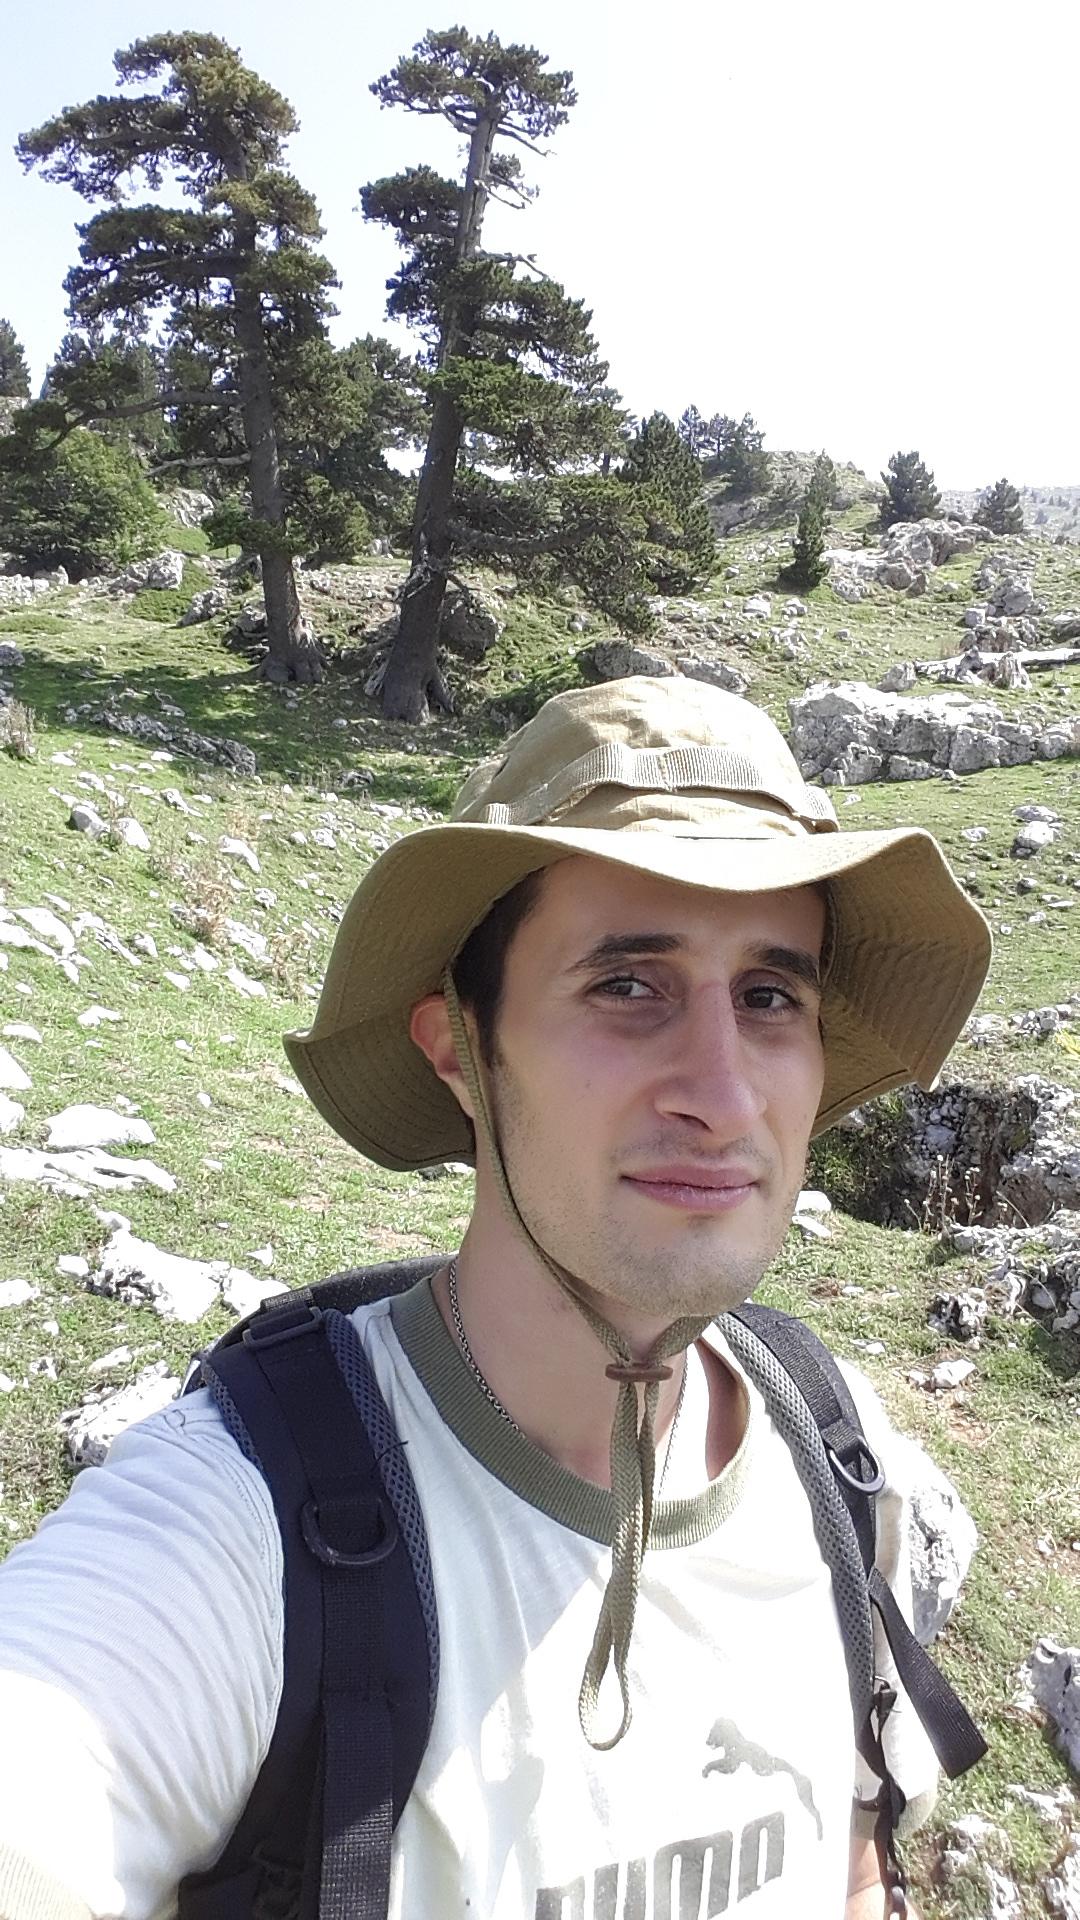 Giuseppe Pataro